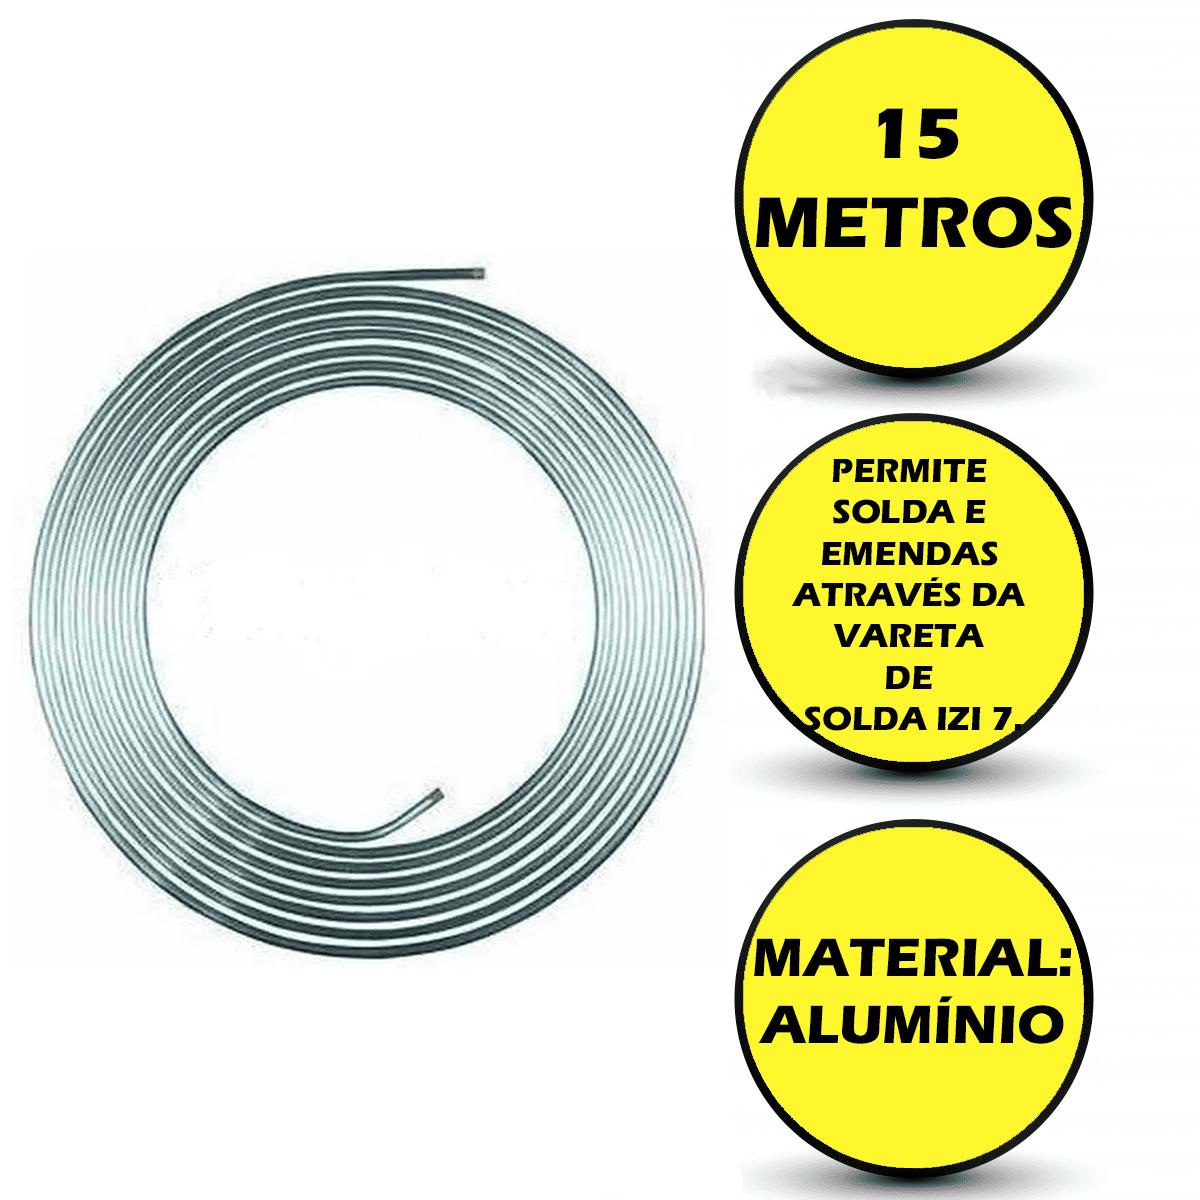 Serpentina Refrigeração Chopeira Cano Alumínio 15 Metros 1/4 Polegada   - Ambientude Agro e Pet